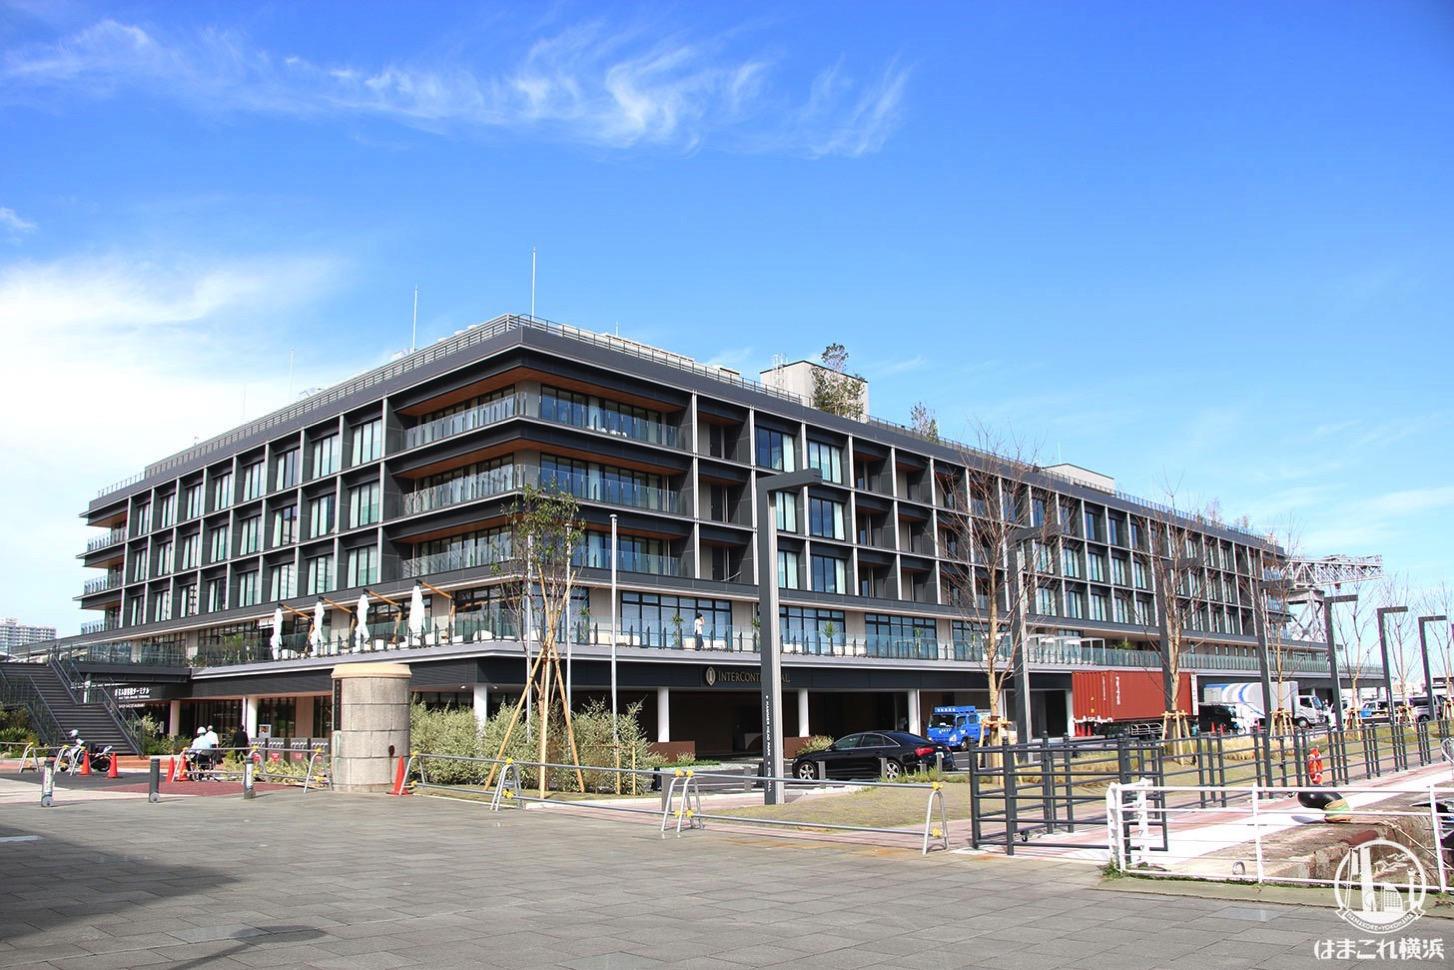 横浜ハンマーヘッド、4月4日から4月末まで休館発表